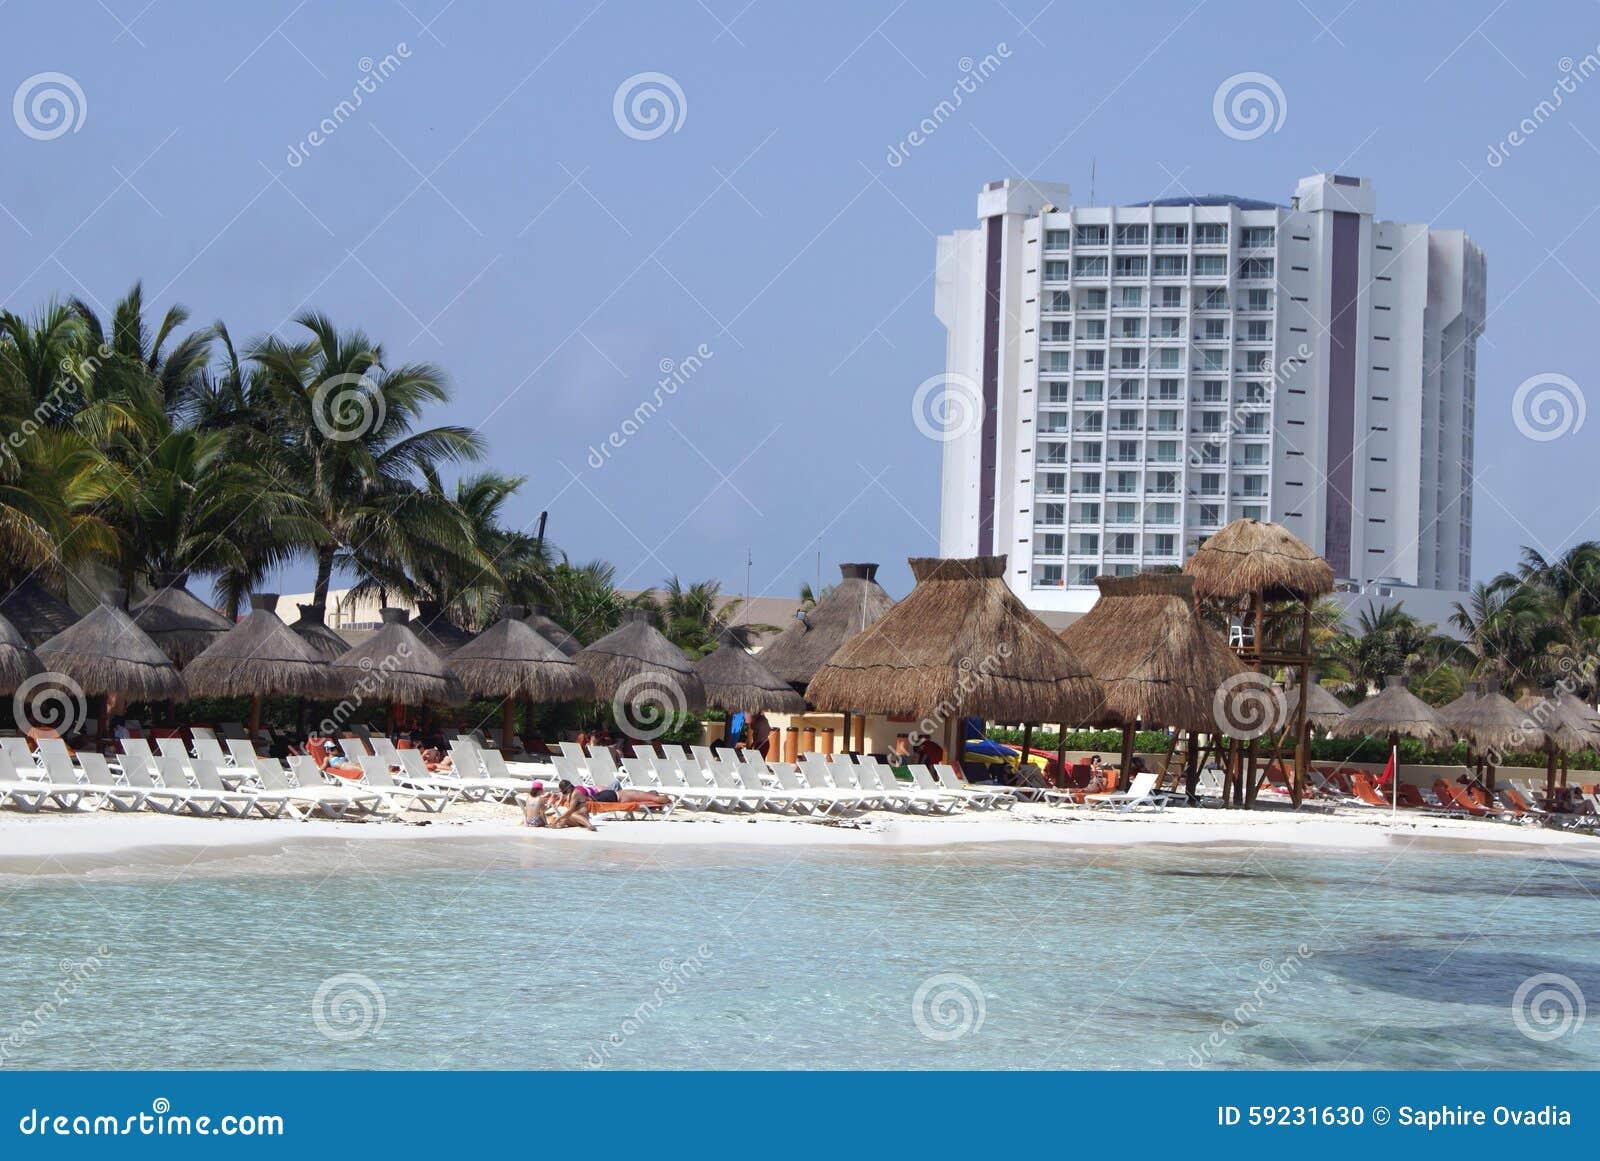 Download Escena Al Aire Libre Tropical En México Foto de archivo - Imagen de cancun, antiguo: 59231630